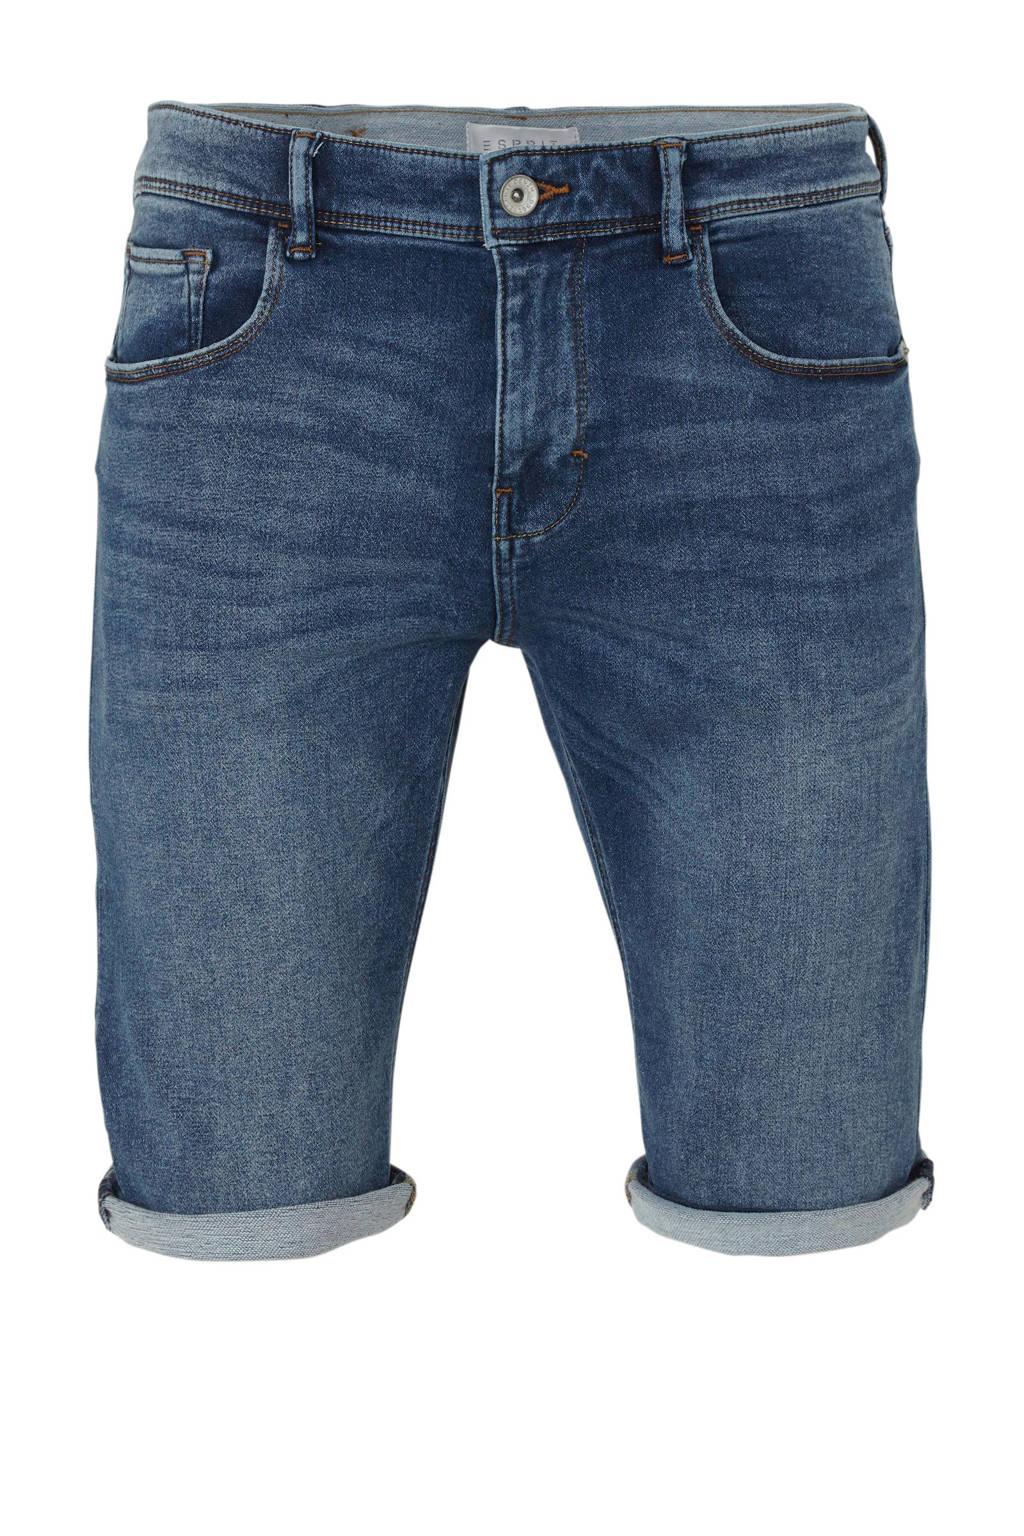 ESPRIT Men Casual slim fit jeans short, blue